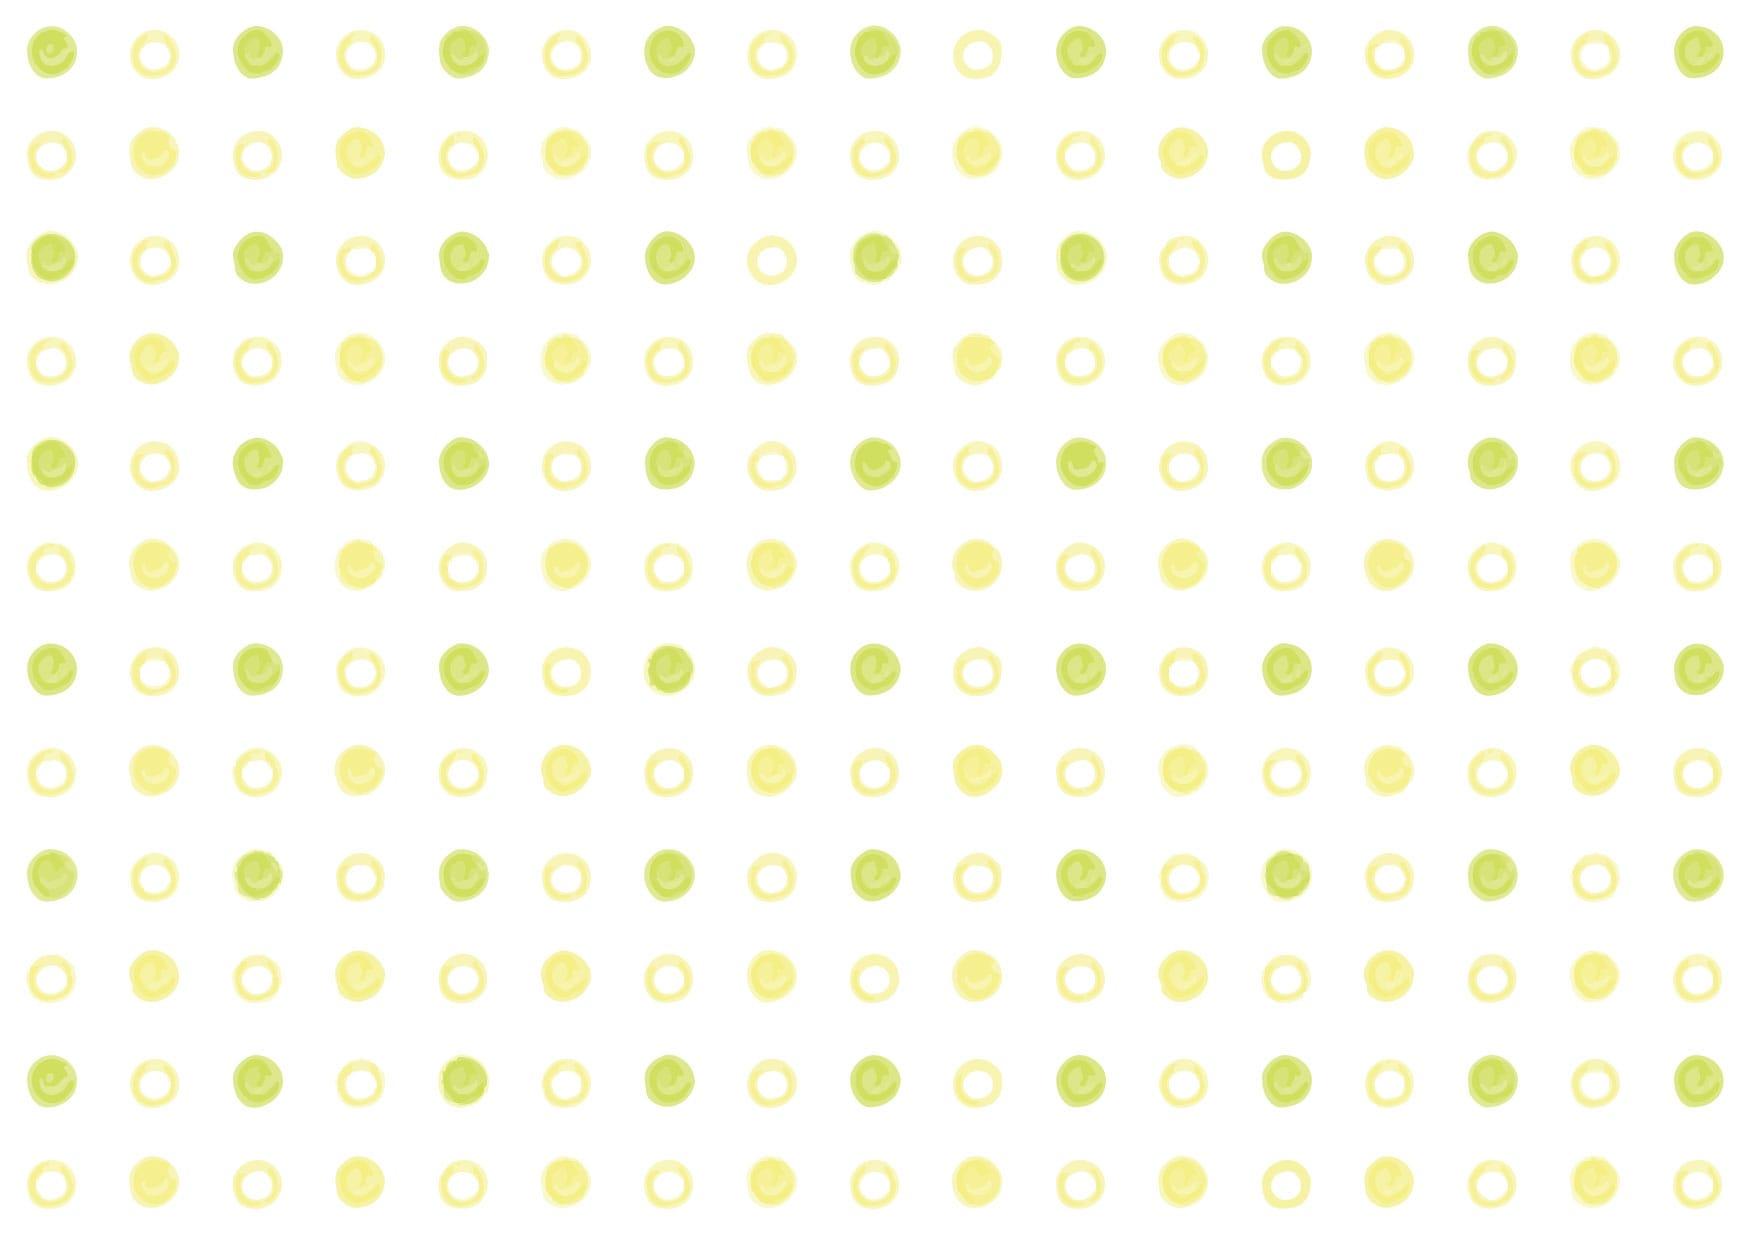 可愛いイラスト無料|水玉 手書き 黄色 背景 − free illustration  Polka dot handwritten yellow background